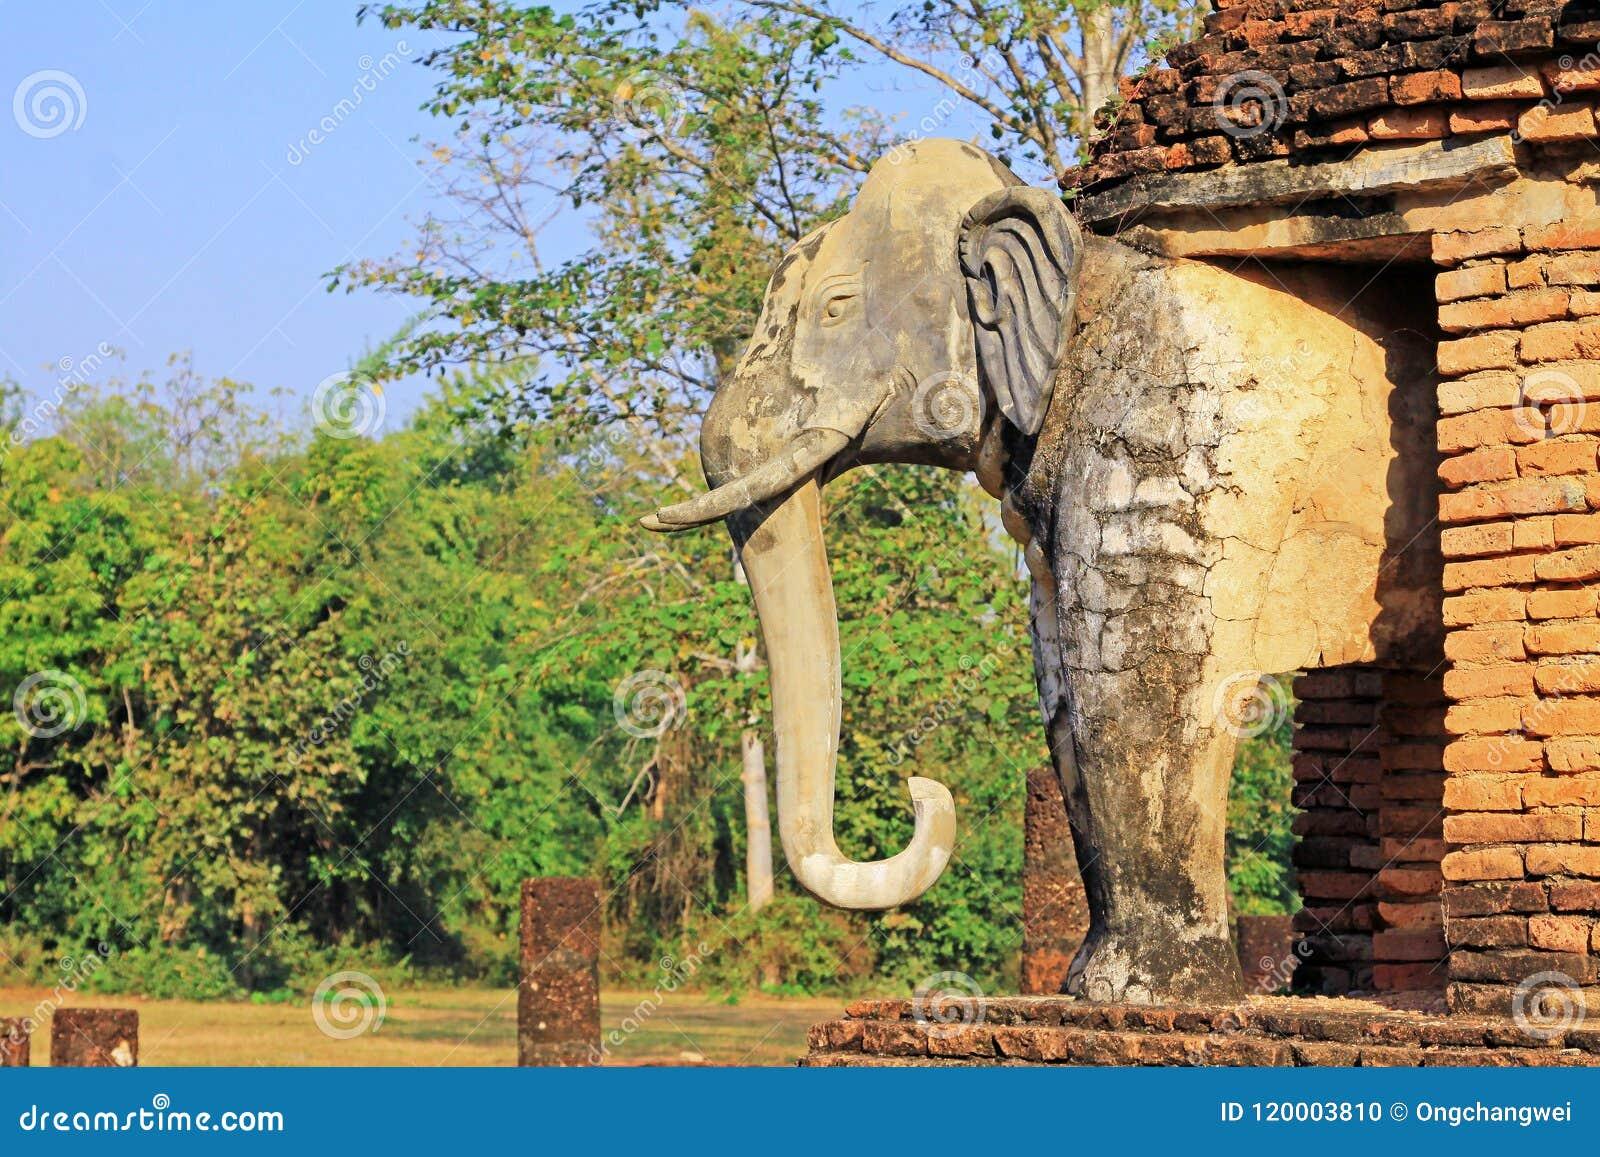 Estátua dos elefantes em Wat Chang Lom, Sukhothai, Tailândia